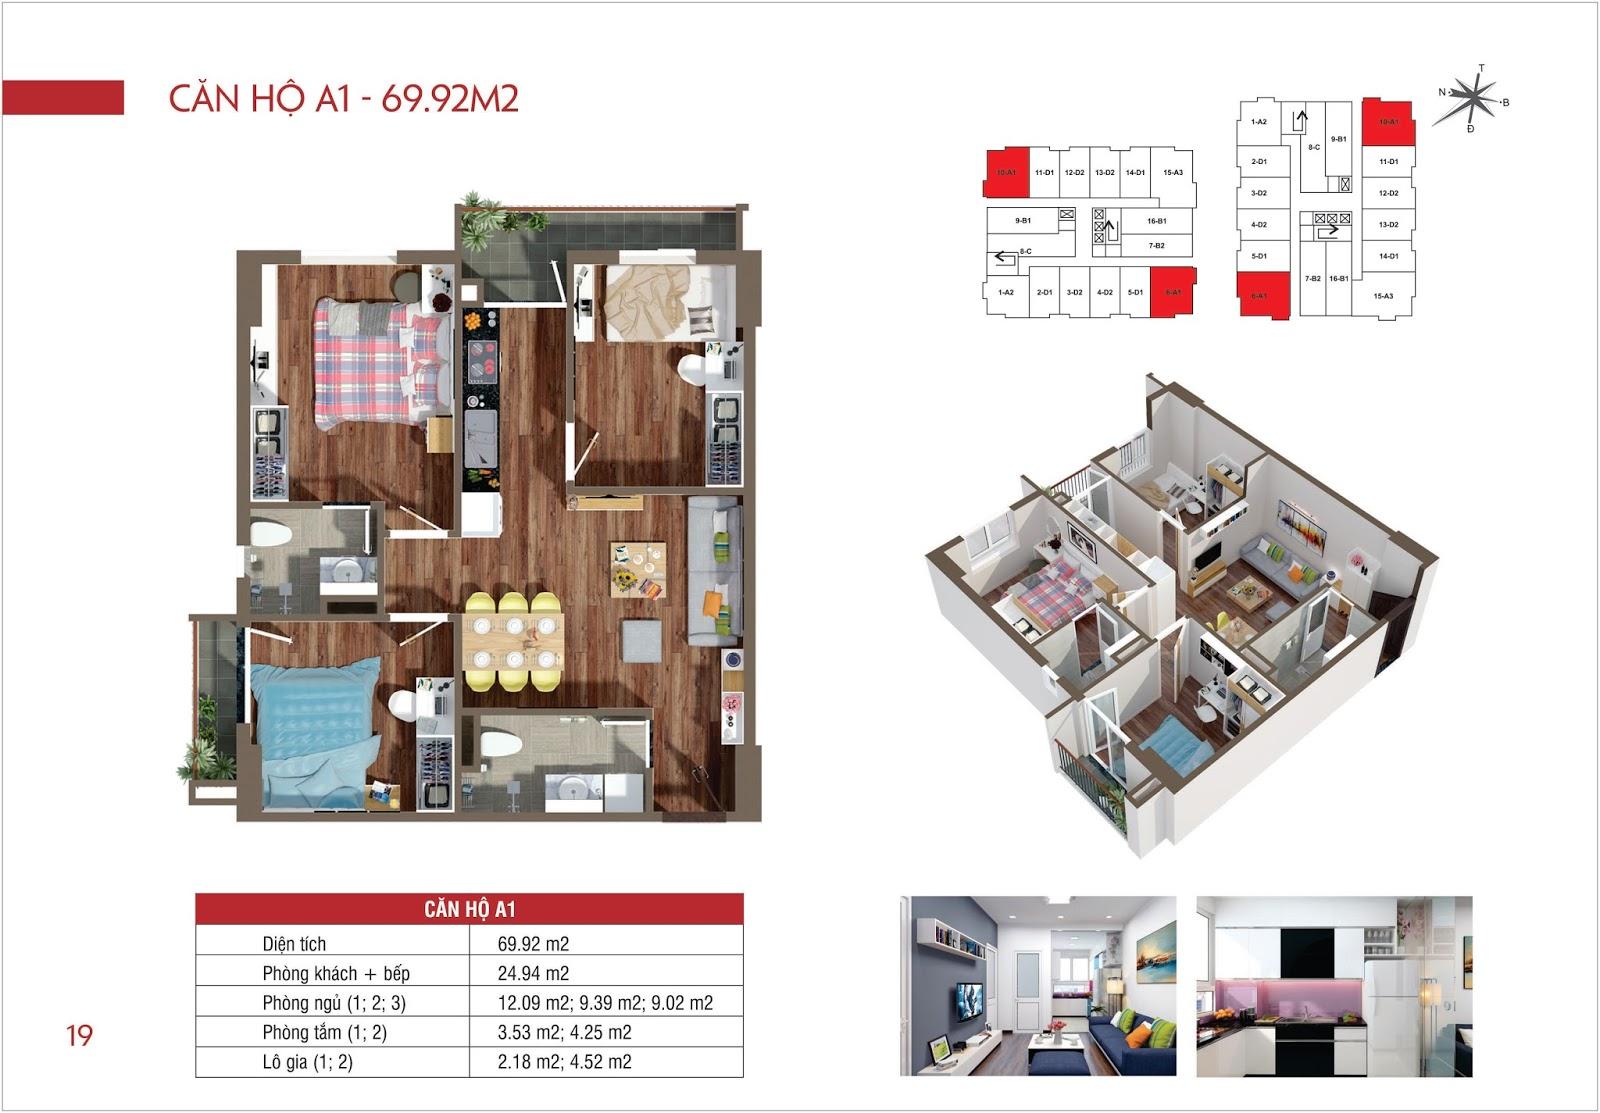 Căn hộ A1 - 69,92m2 chung cư Lộc Ninh Singashine